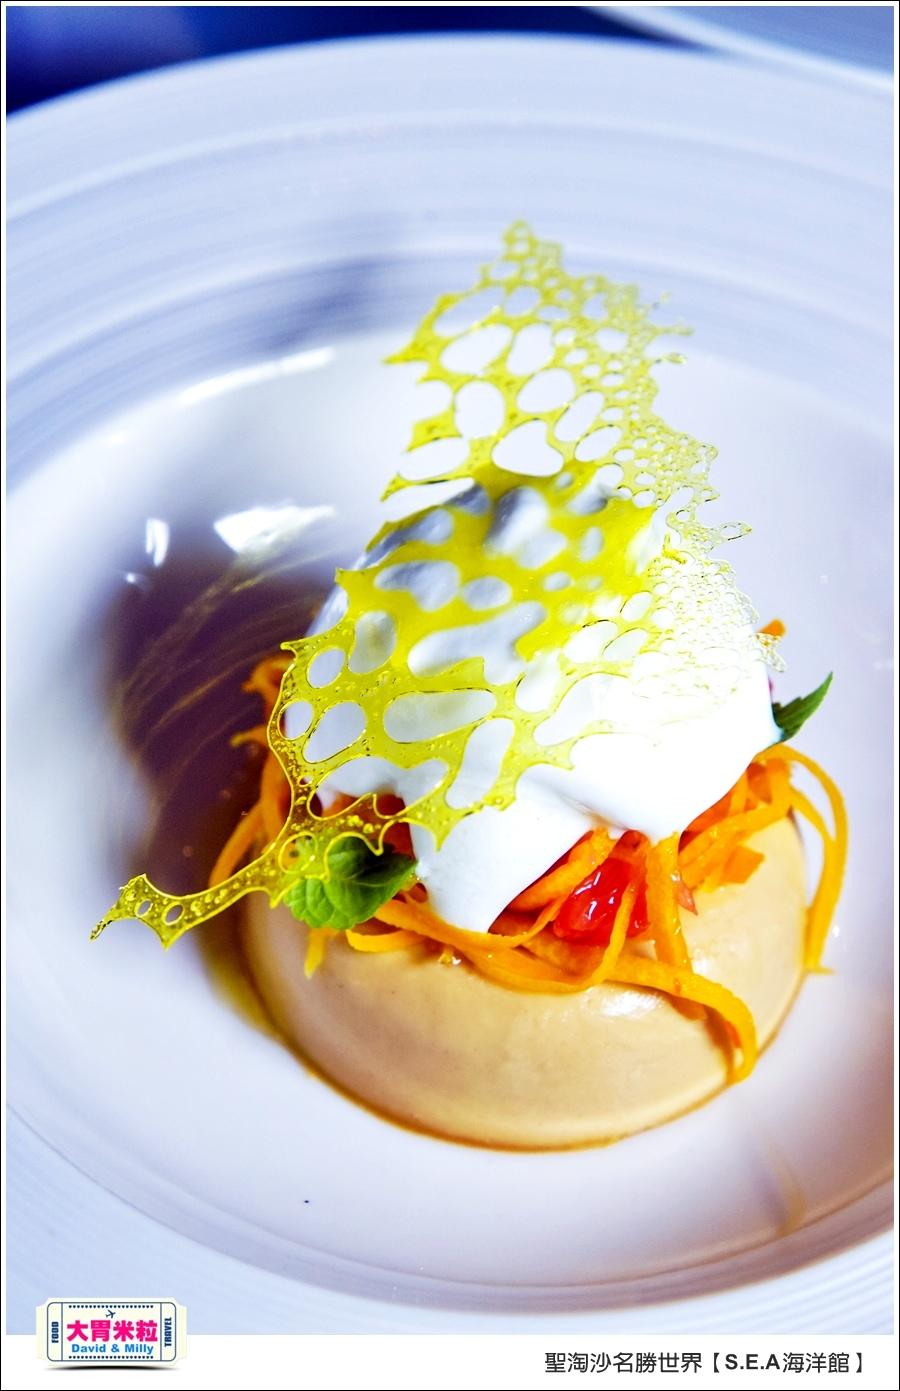 聖淘沙名勝世界必玩@SEA海洋館與海之味餐廳@大胃米粒001 (55).jpg